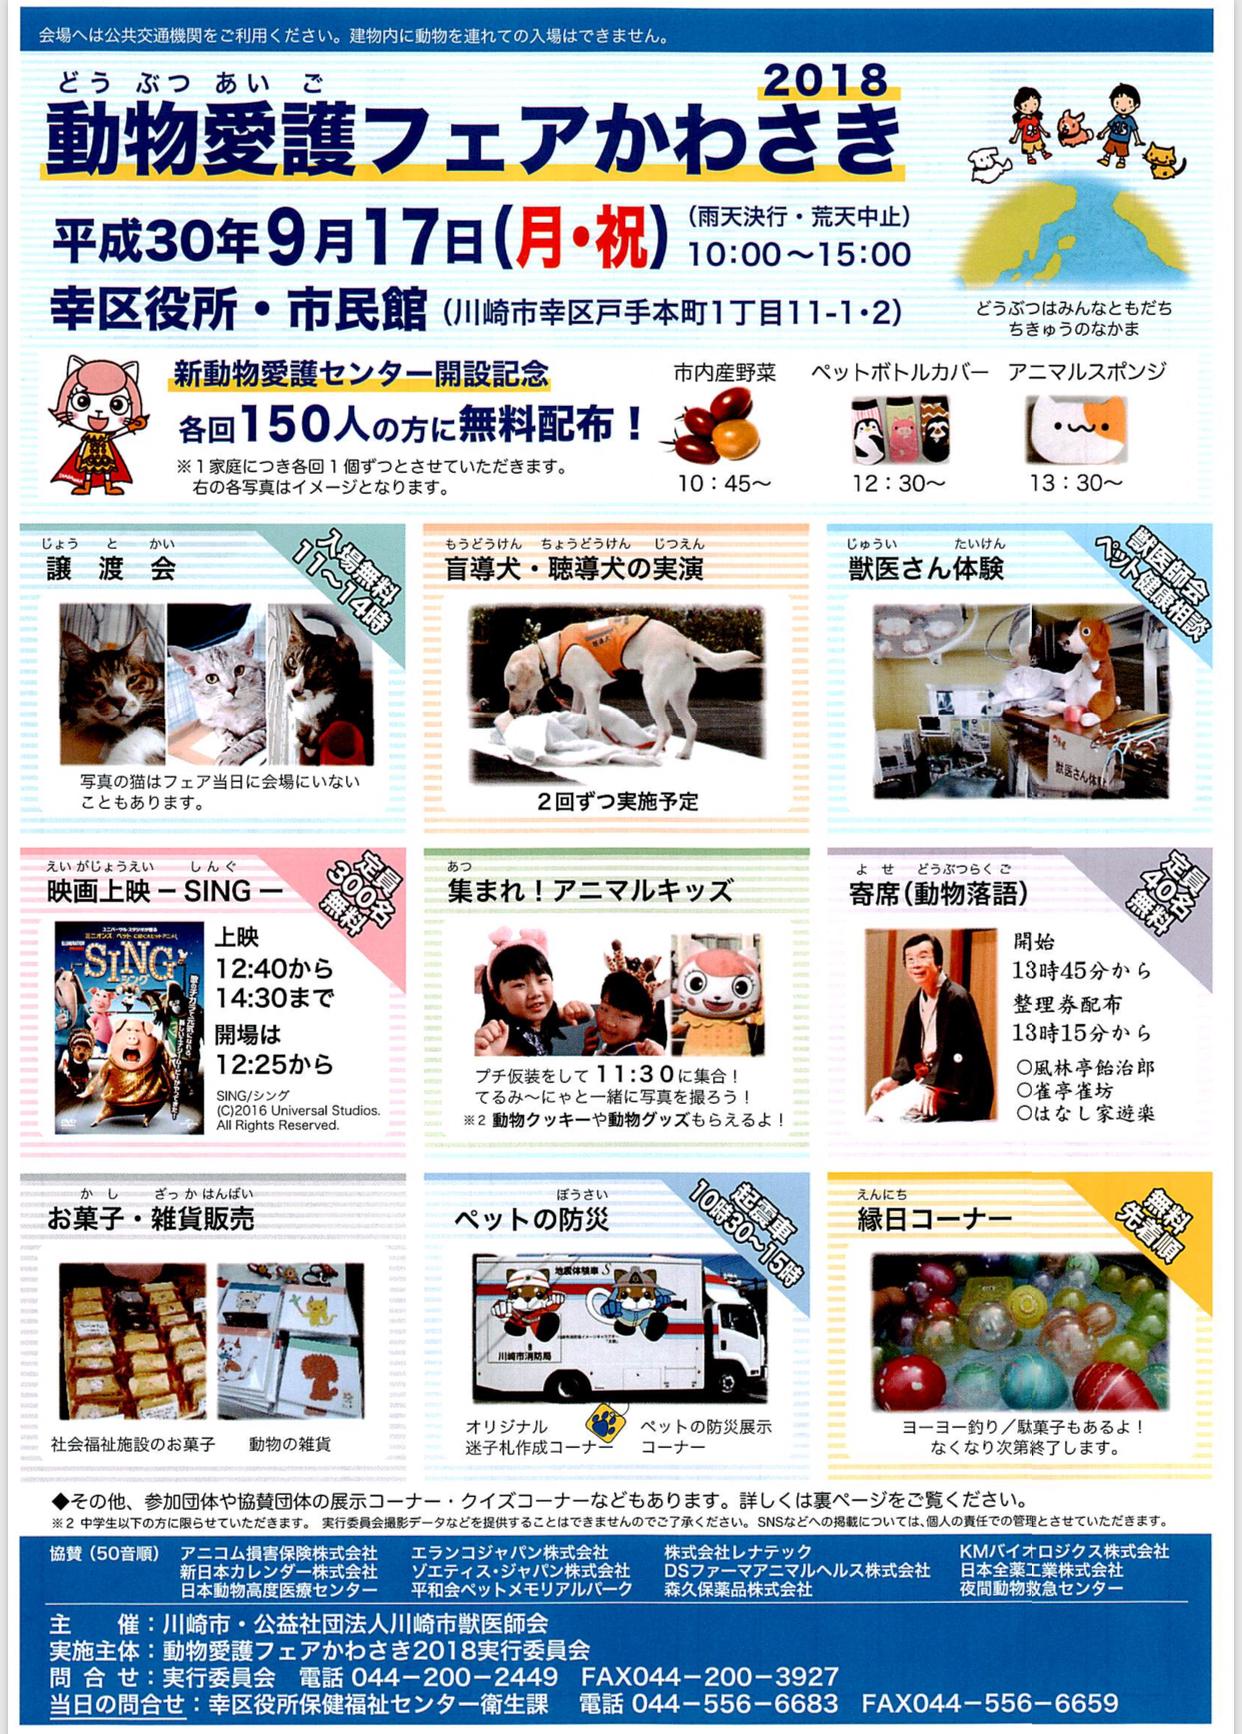 動物愛護フェアかわさき2018